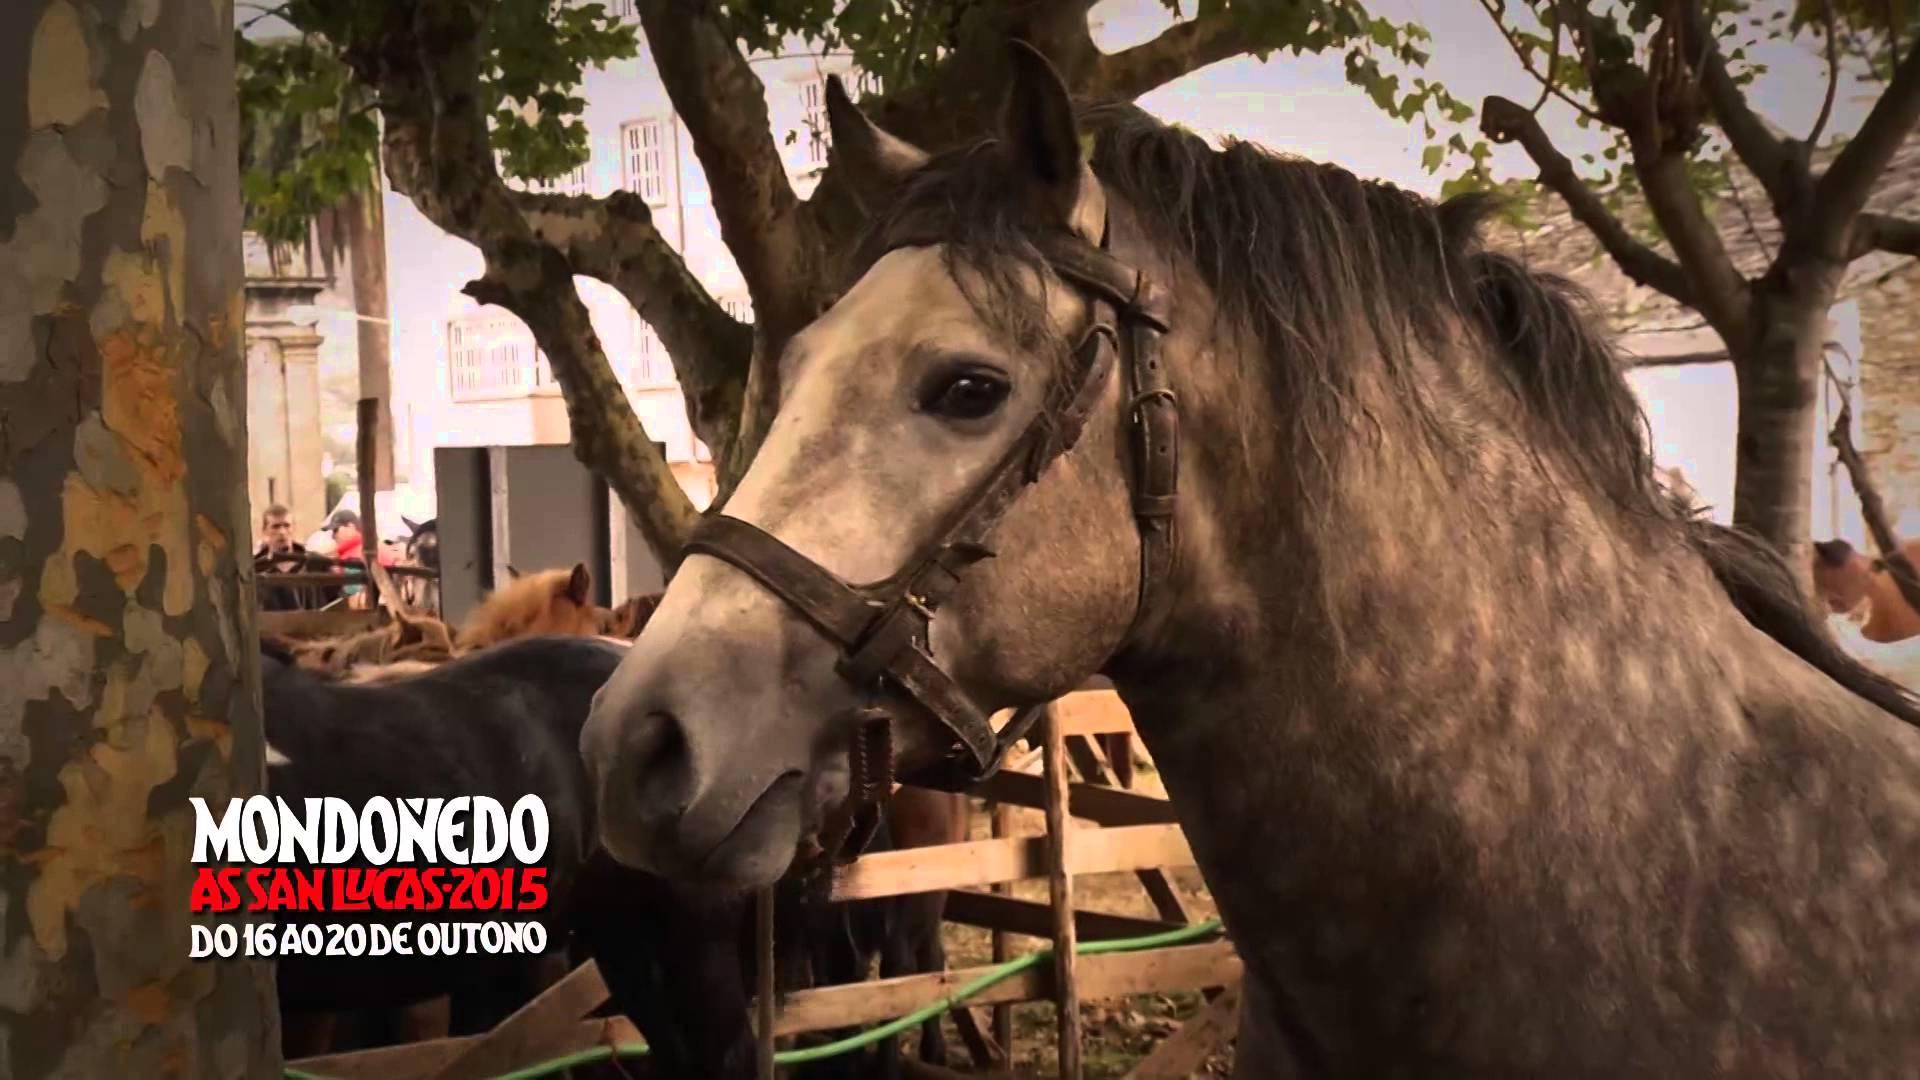 Cabalos na feira de San Lucas, en Mondoñedo / Cyberspace & Time